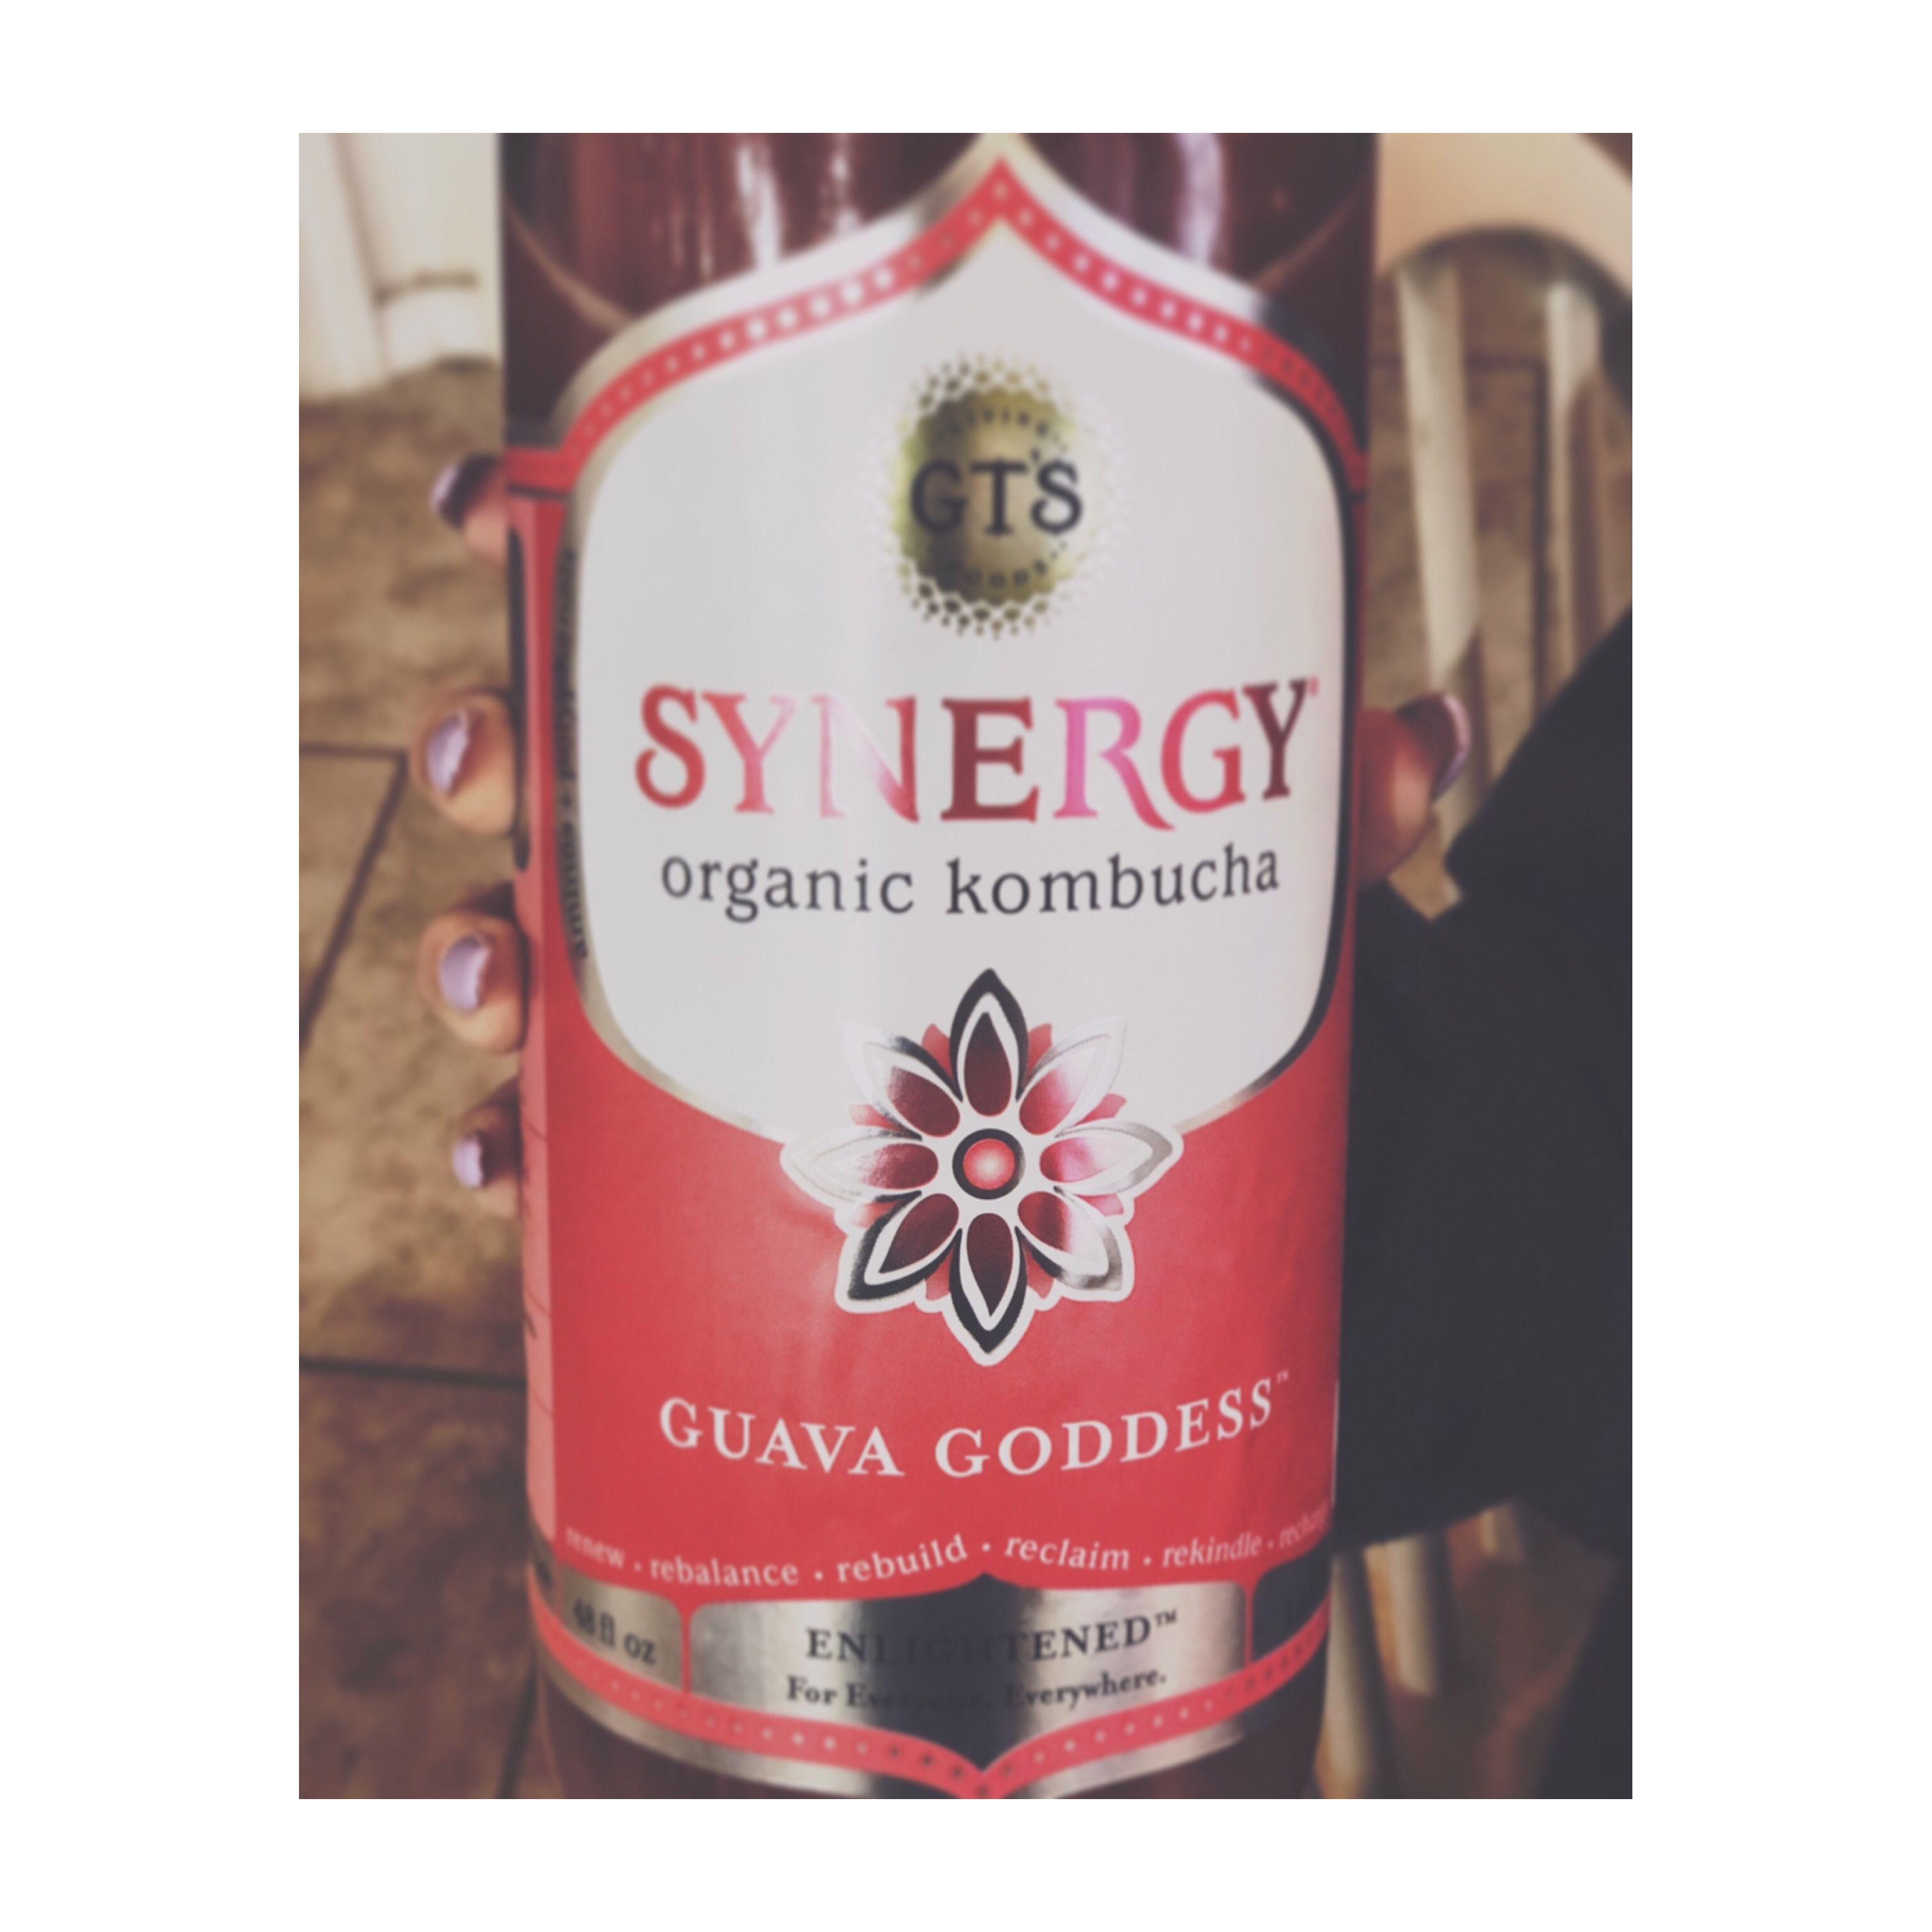 Enlightened Organic Kombucha Wine Bottle Rose Wine Bottle